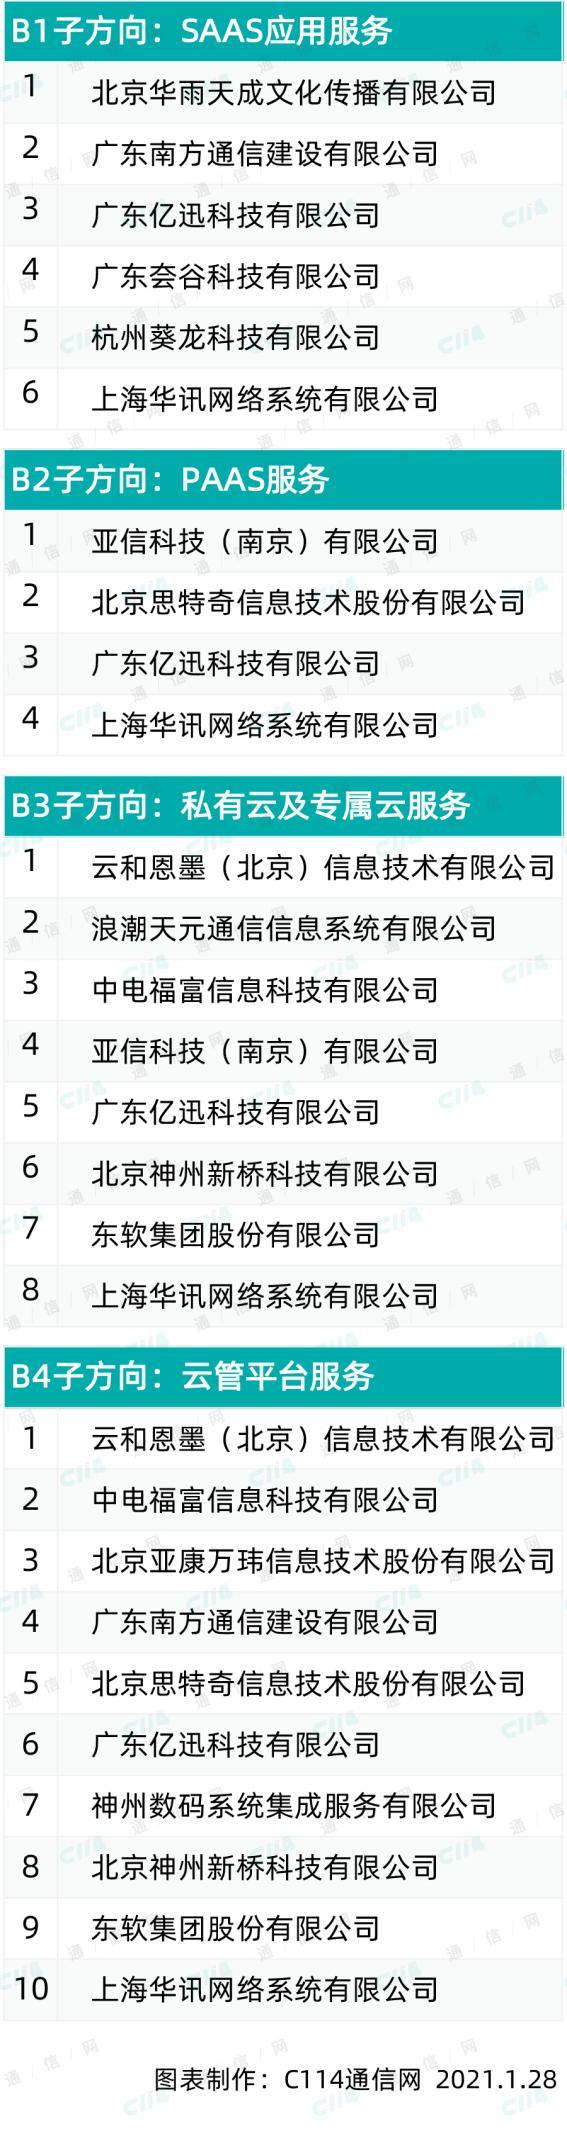 中国电信第一批DICT生态圈合作伙伴公示,数十家企业入围